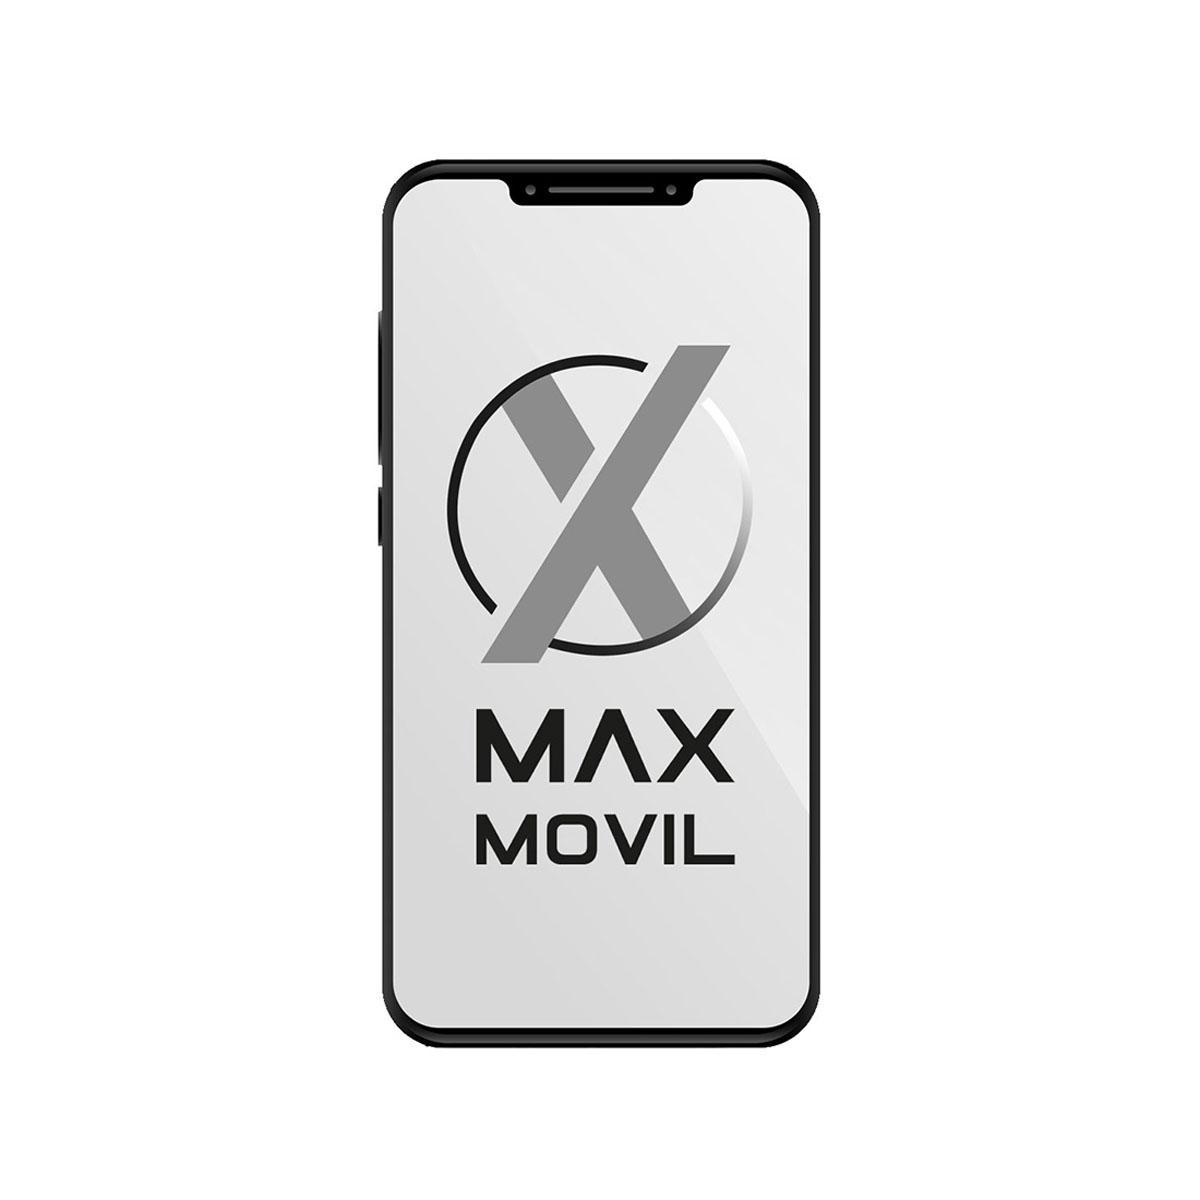 Samsung Galaxy A3 (2016) A310F 16GB blanco libre en MAXmovil